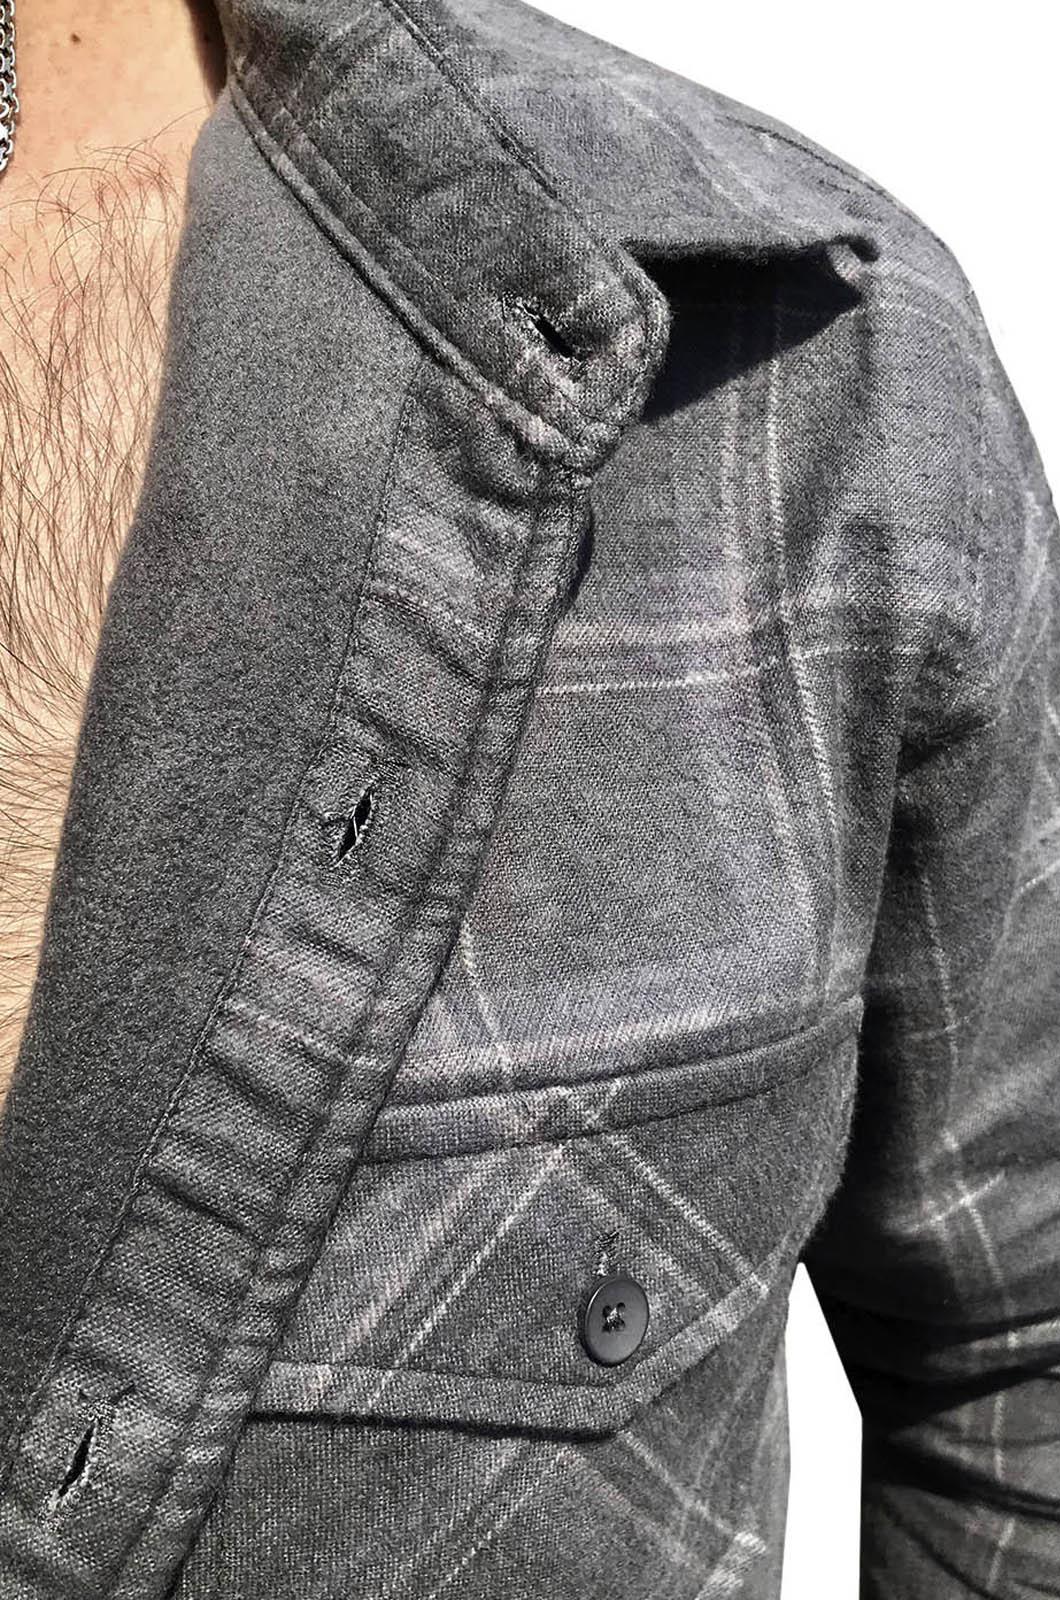 Фланелевая рубашка пограничника